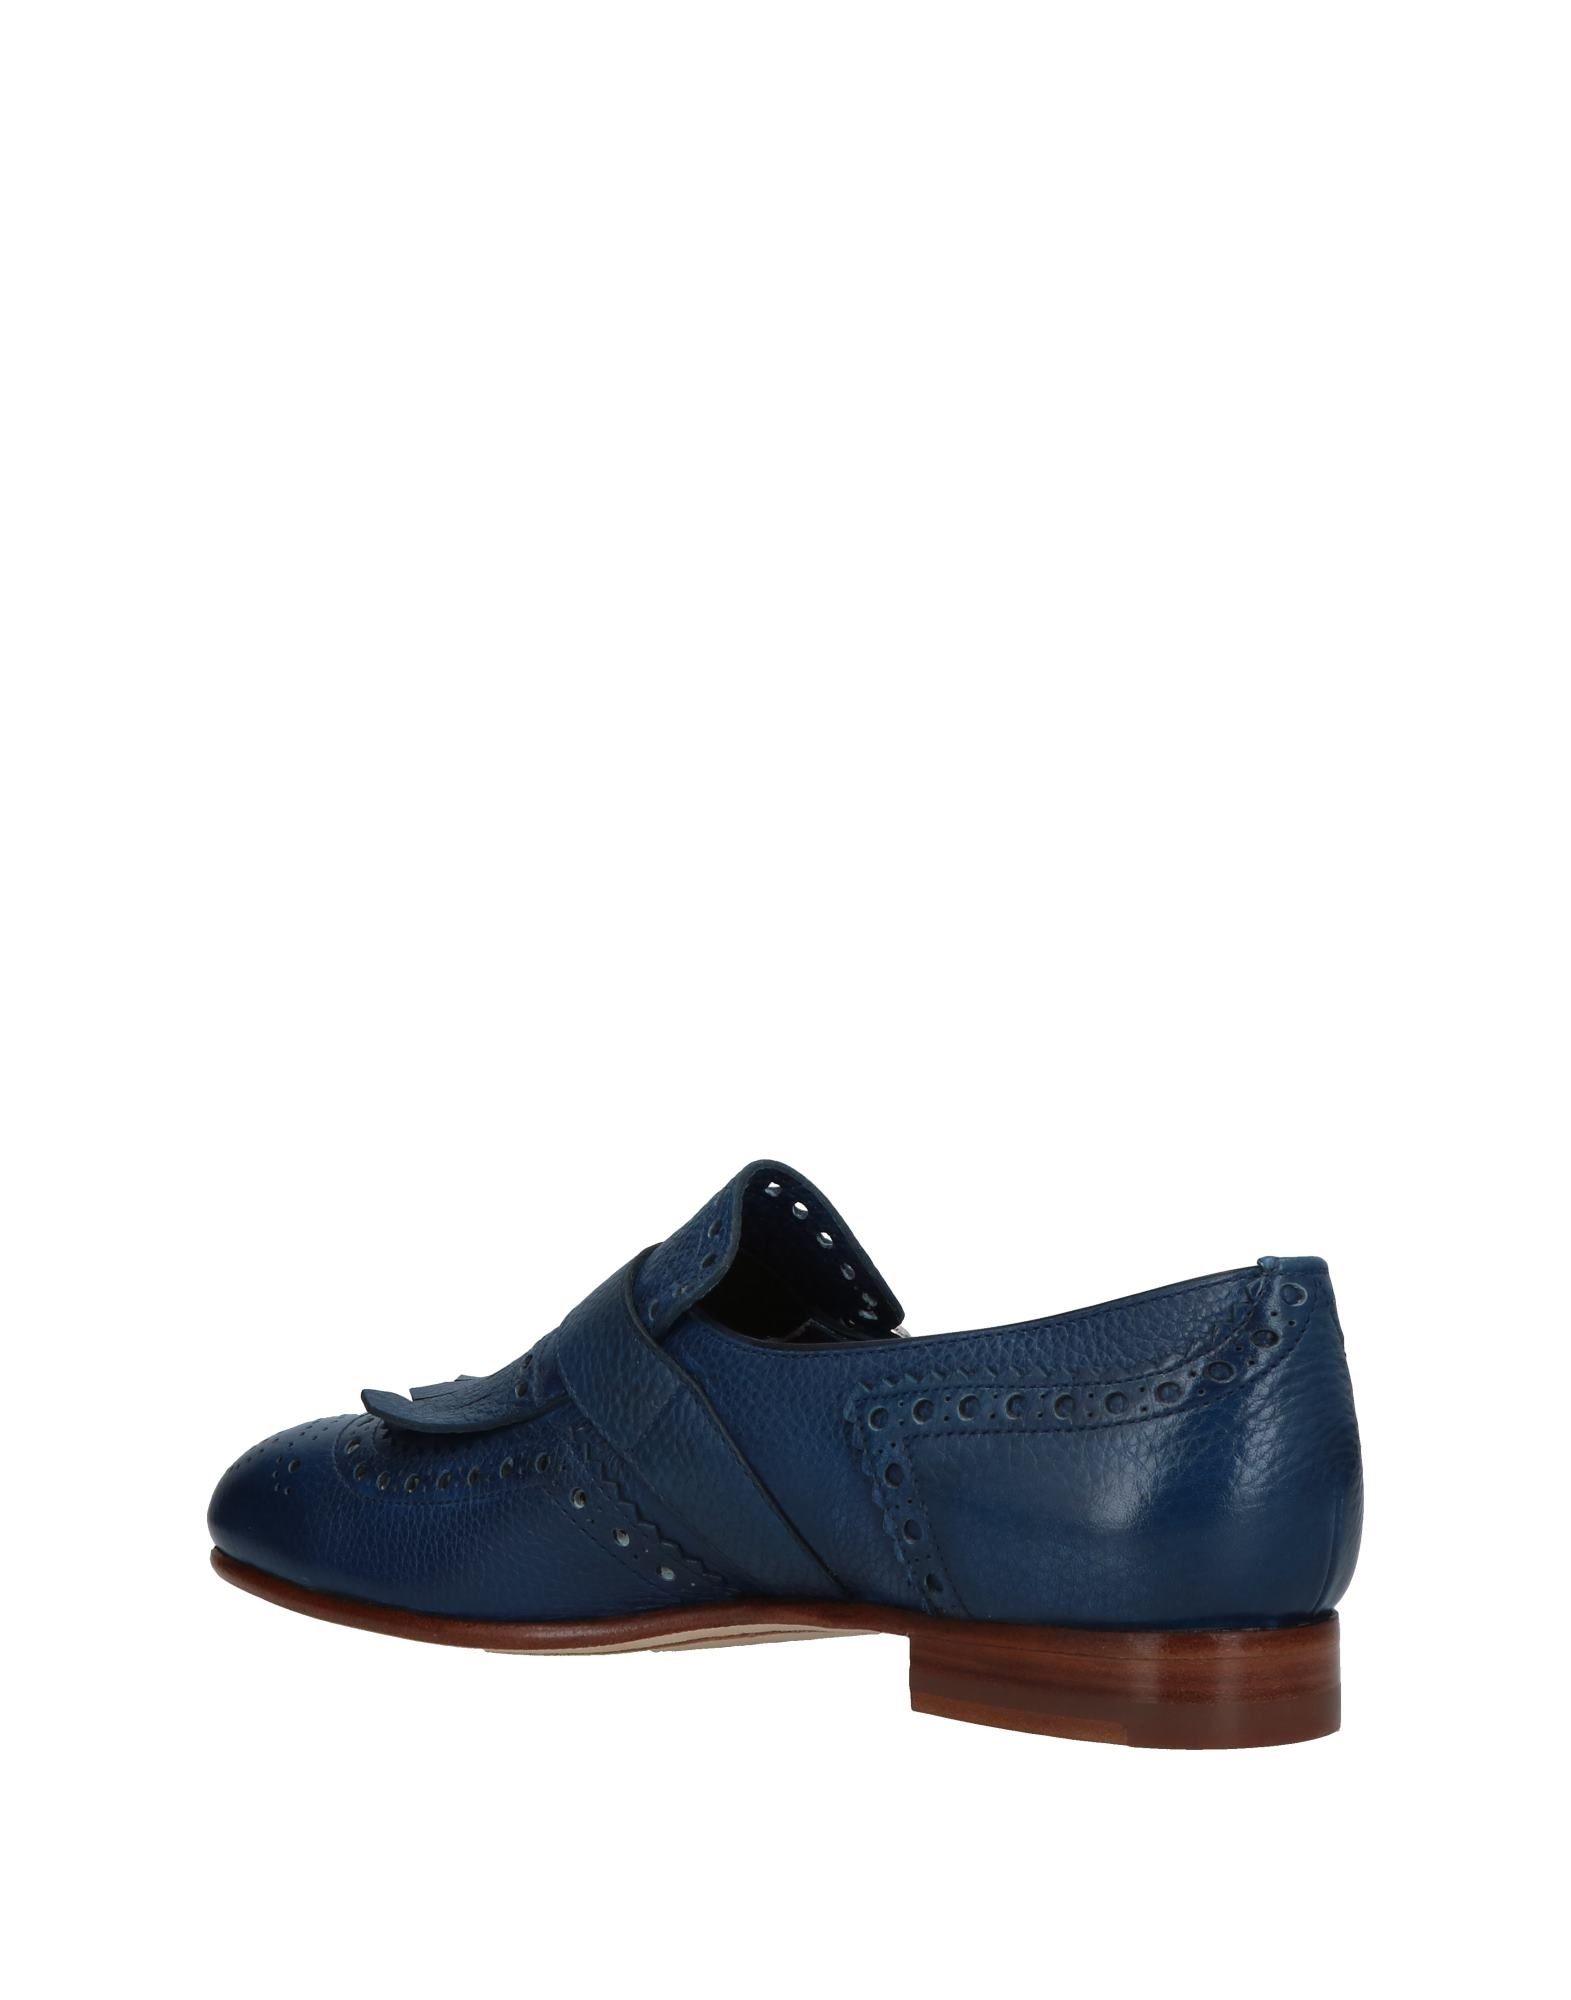 Santoni Mokassins Damen aussehende  11387343FTGut aussehende Damen strapazierfähige Schuhe 9afd49